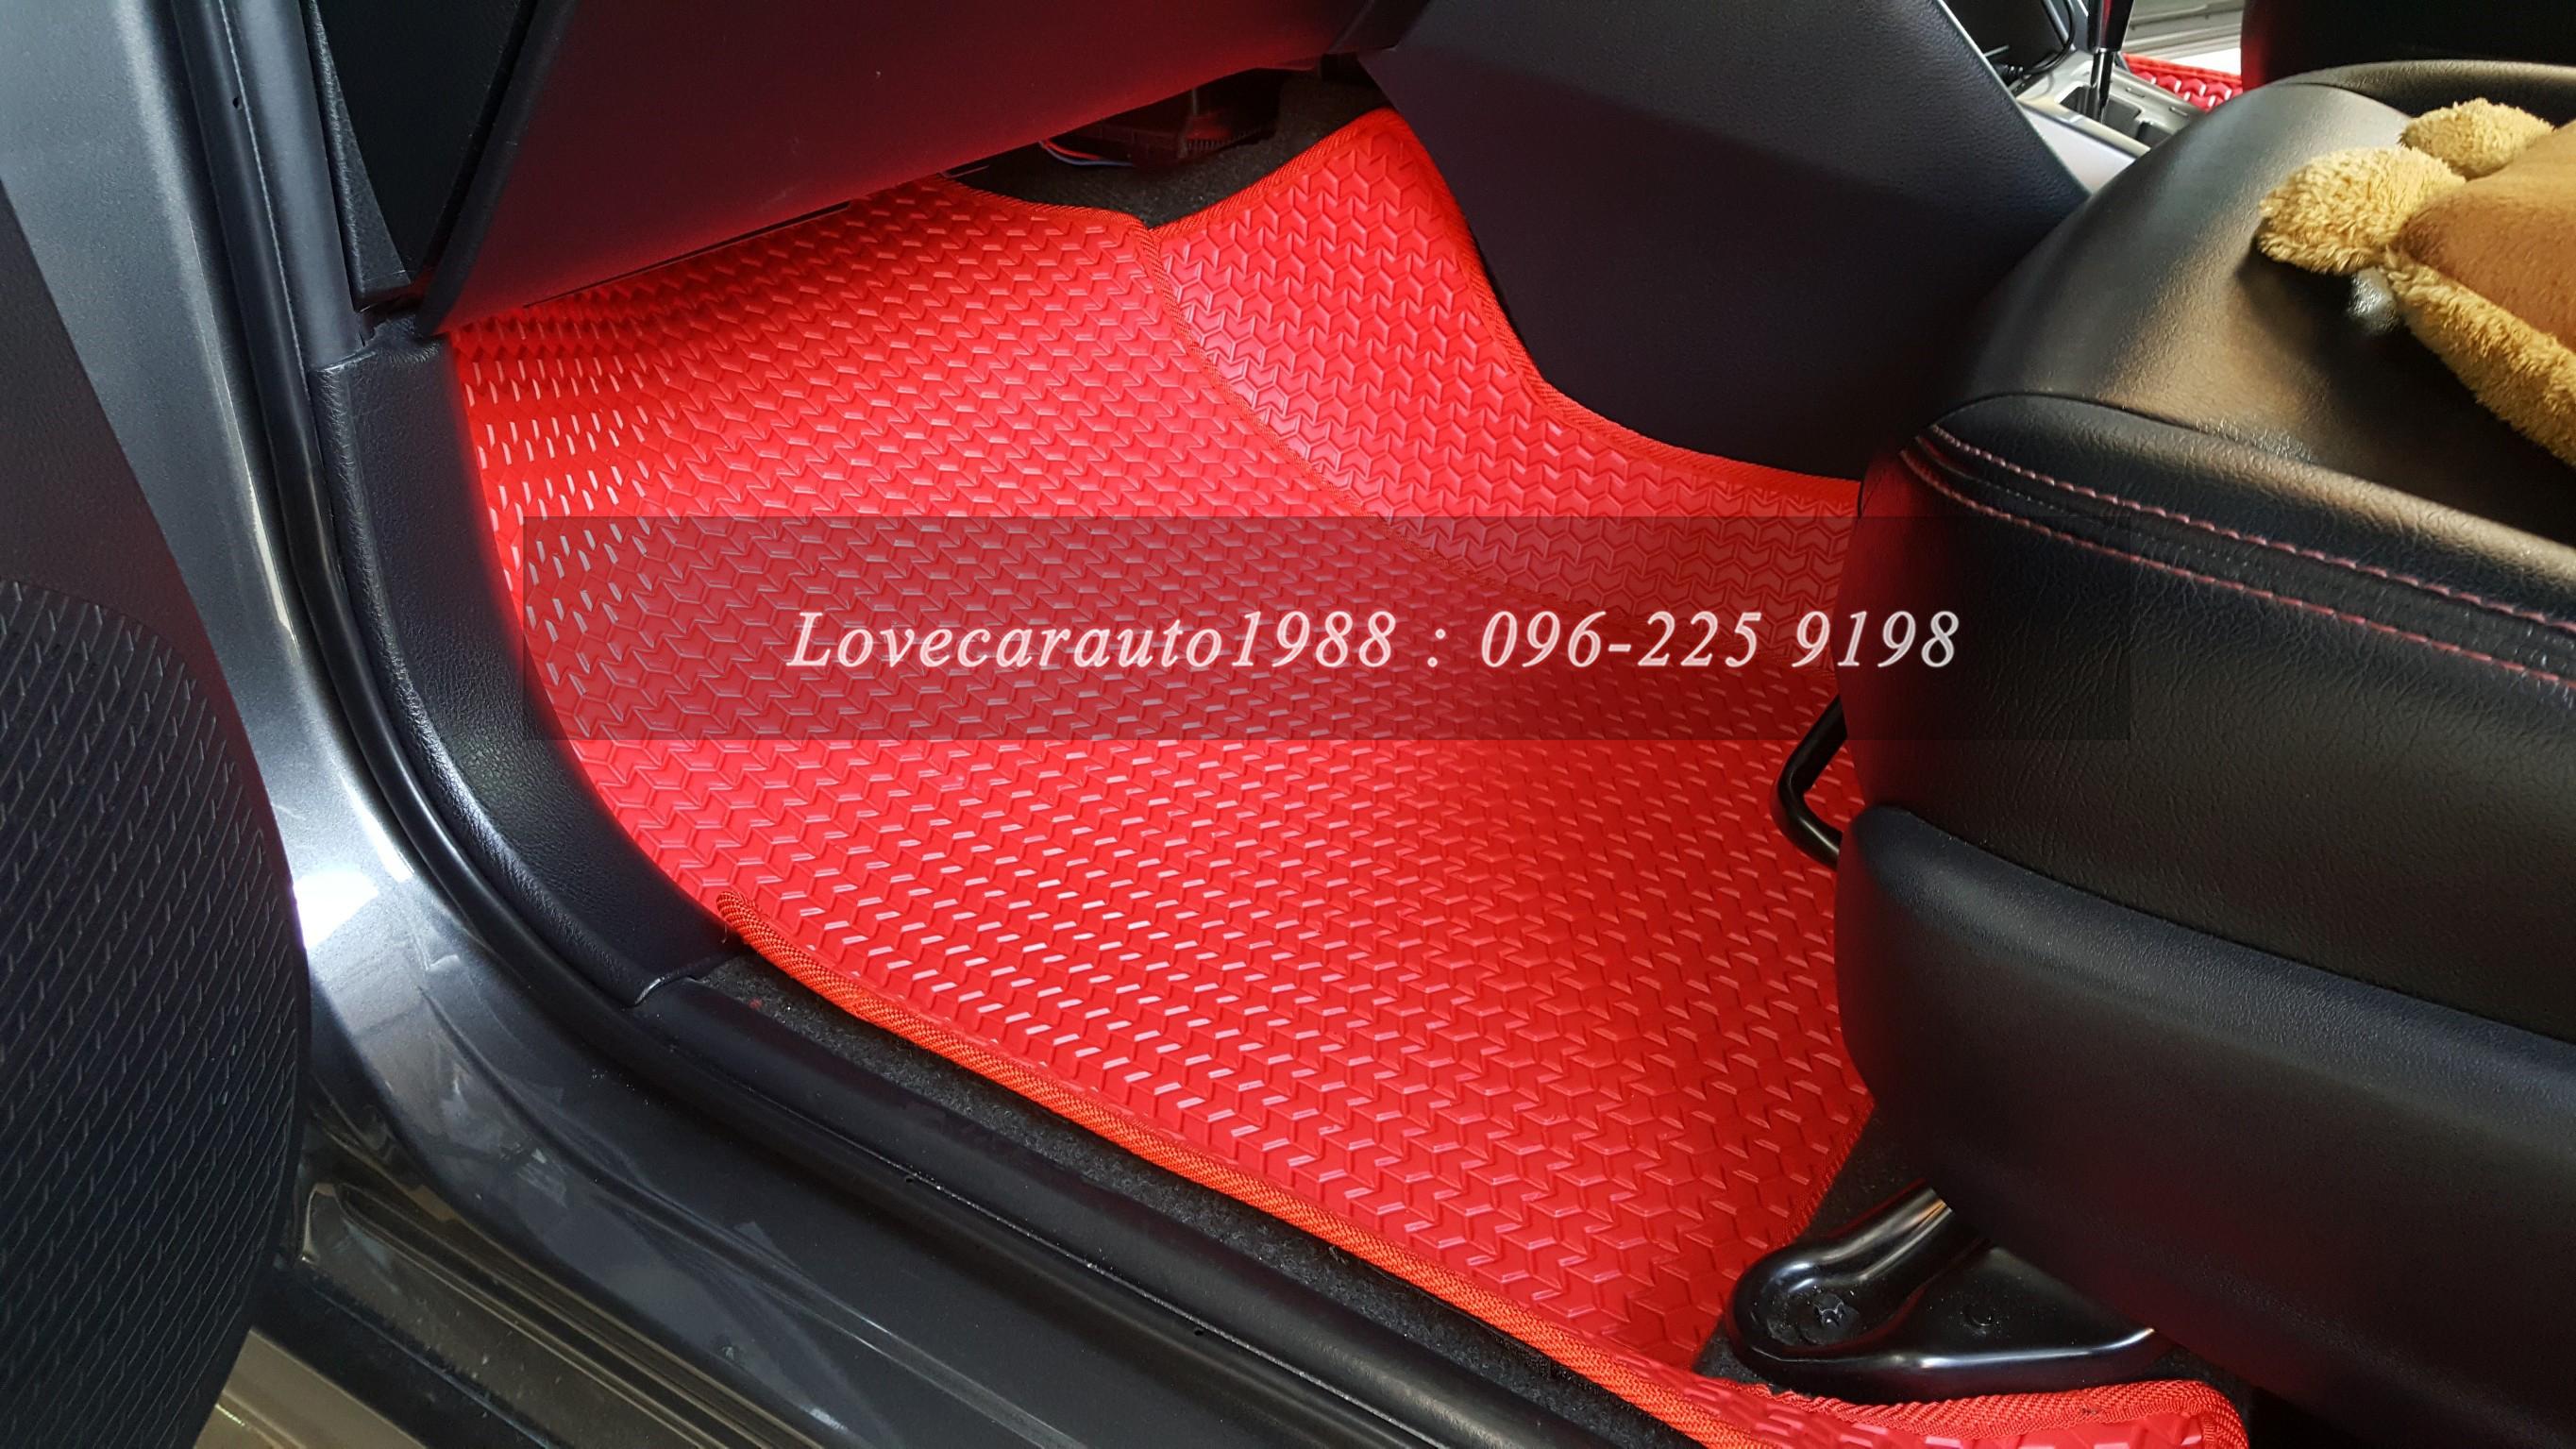 ยางปูพื้นรถยนต์ Toyota Yaris2014 ธนูแดง